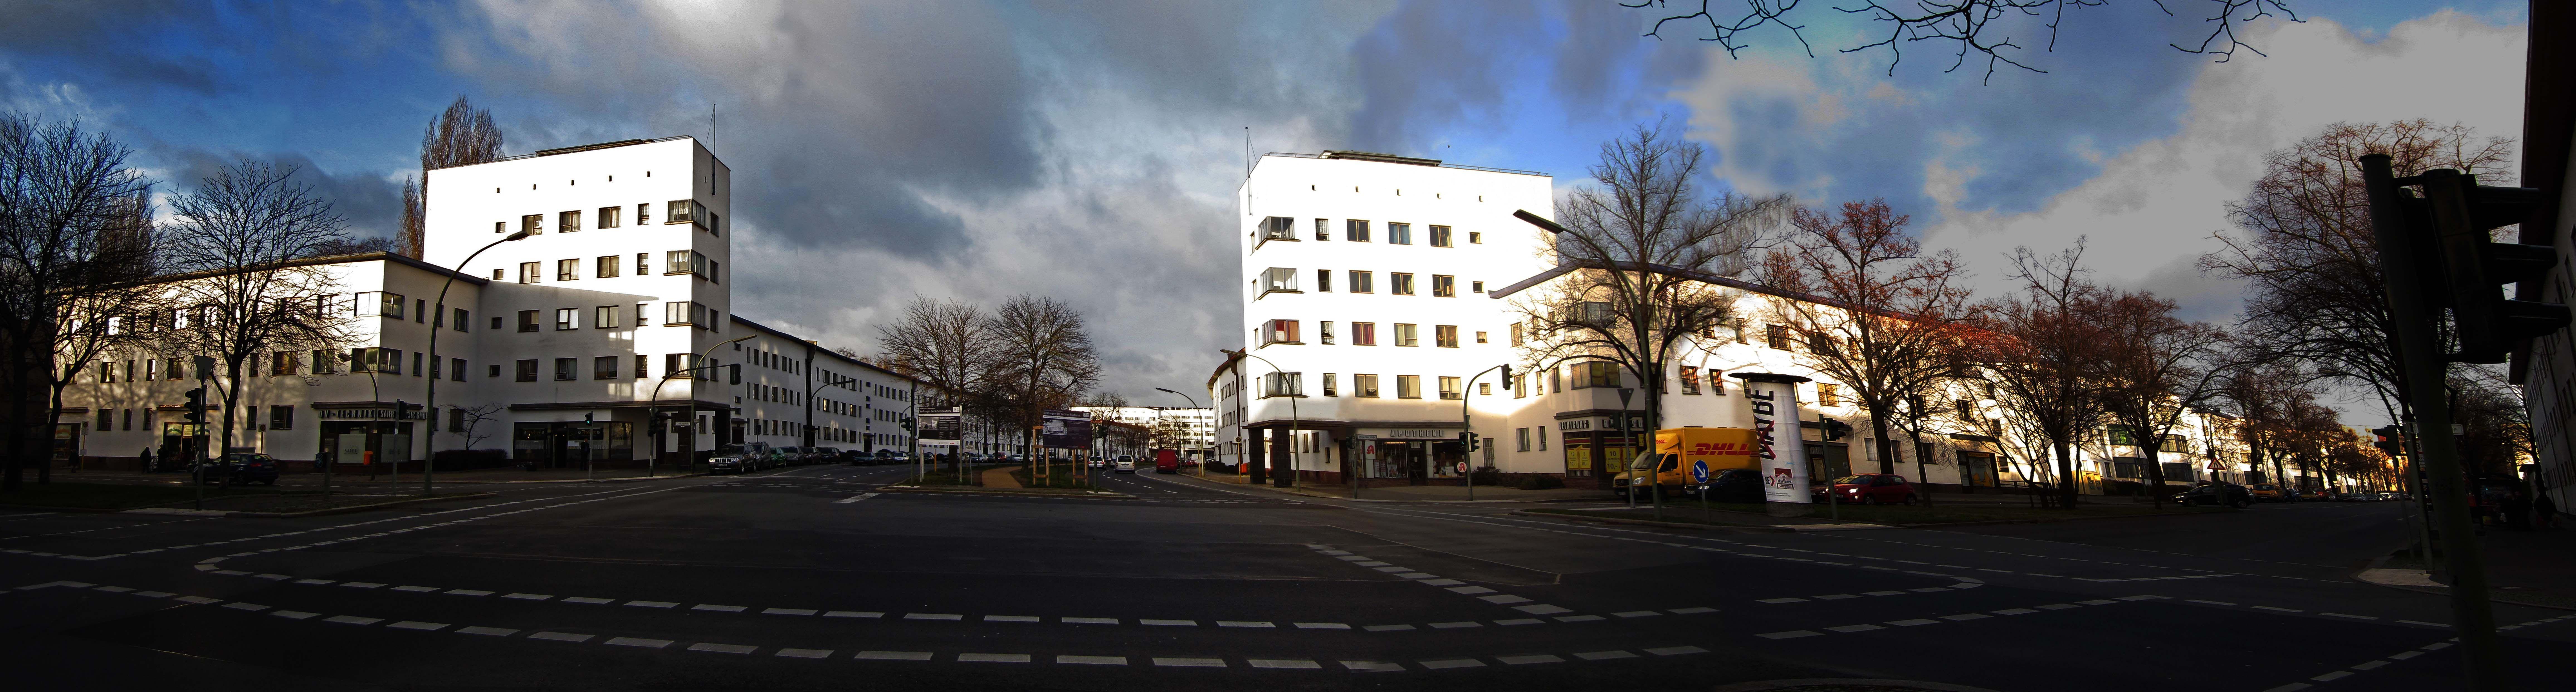 Weiße Stadt, Bauhaus architecture, Berlin  Bruno Ahrends, Wilhelm Büning und Otto Rudolf Salvisberg 1914-1938